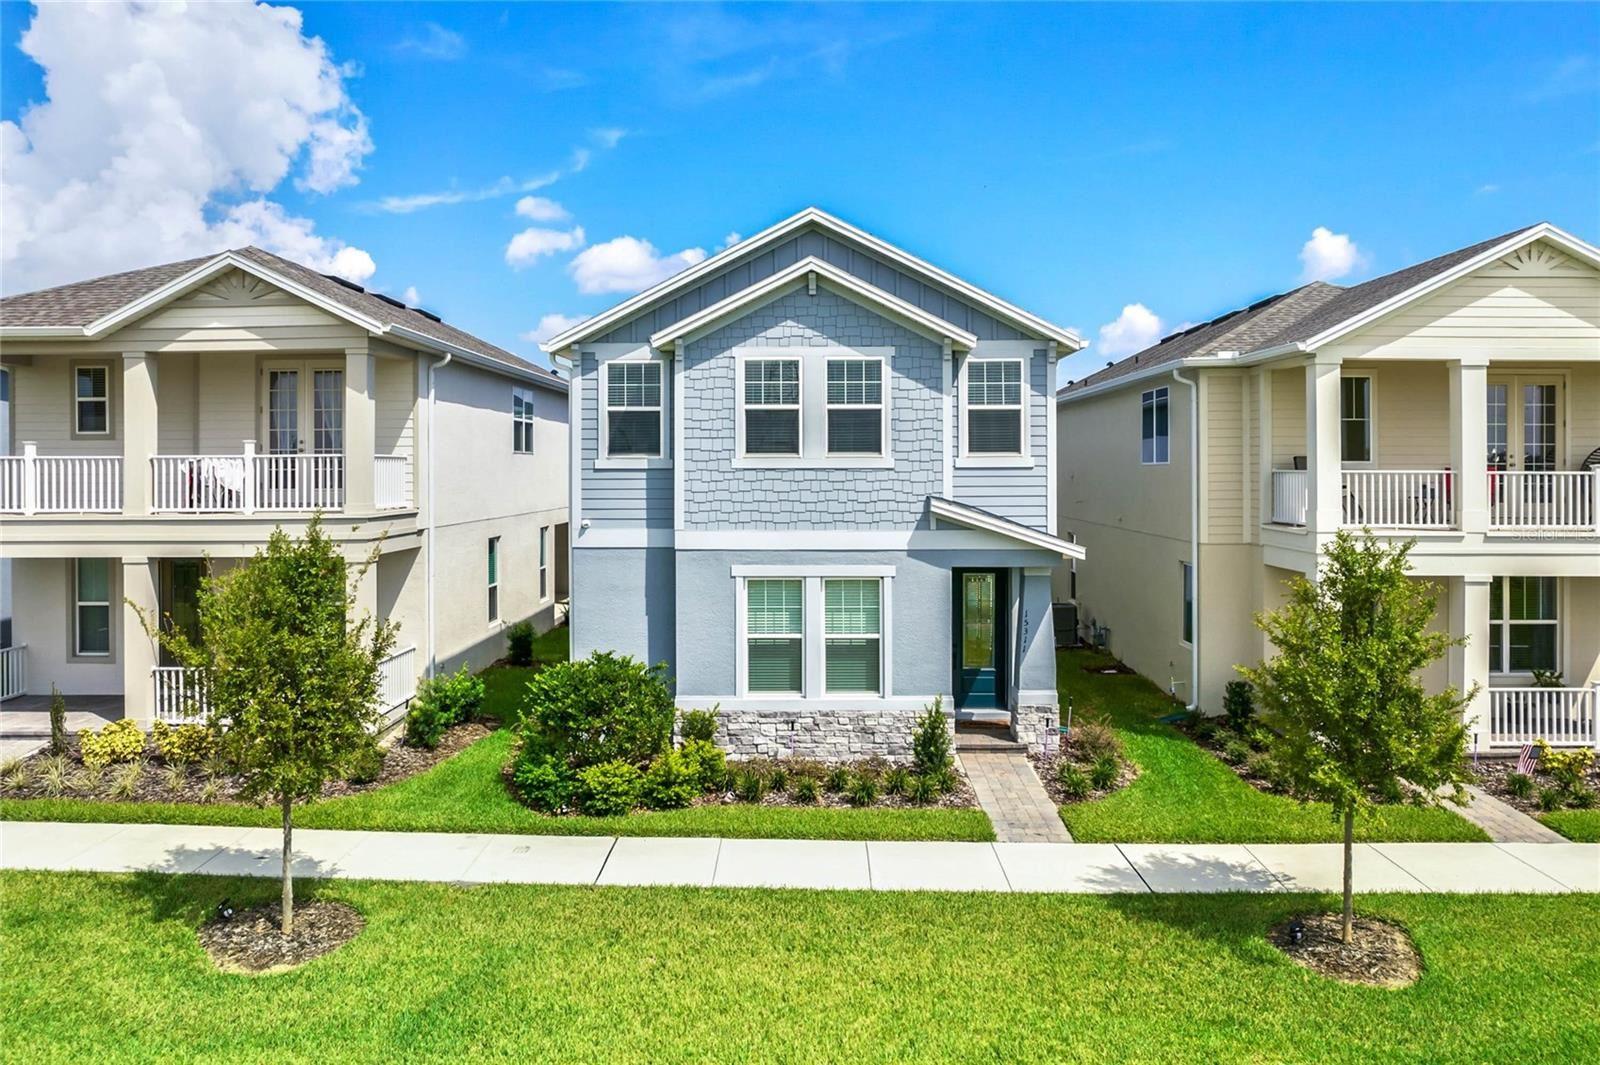 15311 CALMING BALSAM ALLEY, Winter Garden, FL 34787 - #: G5046670